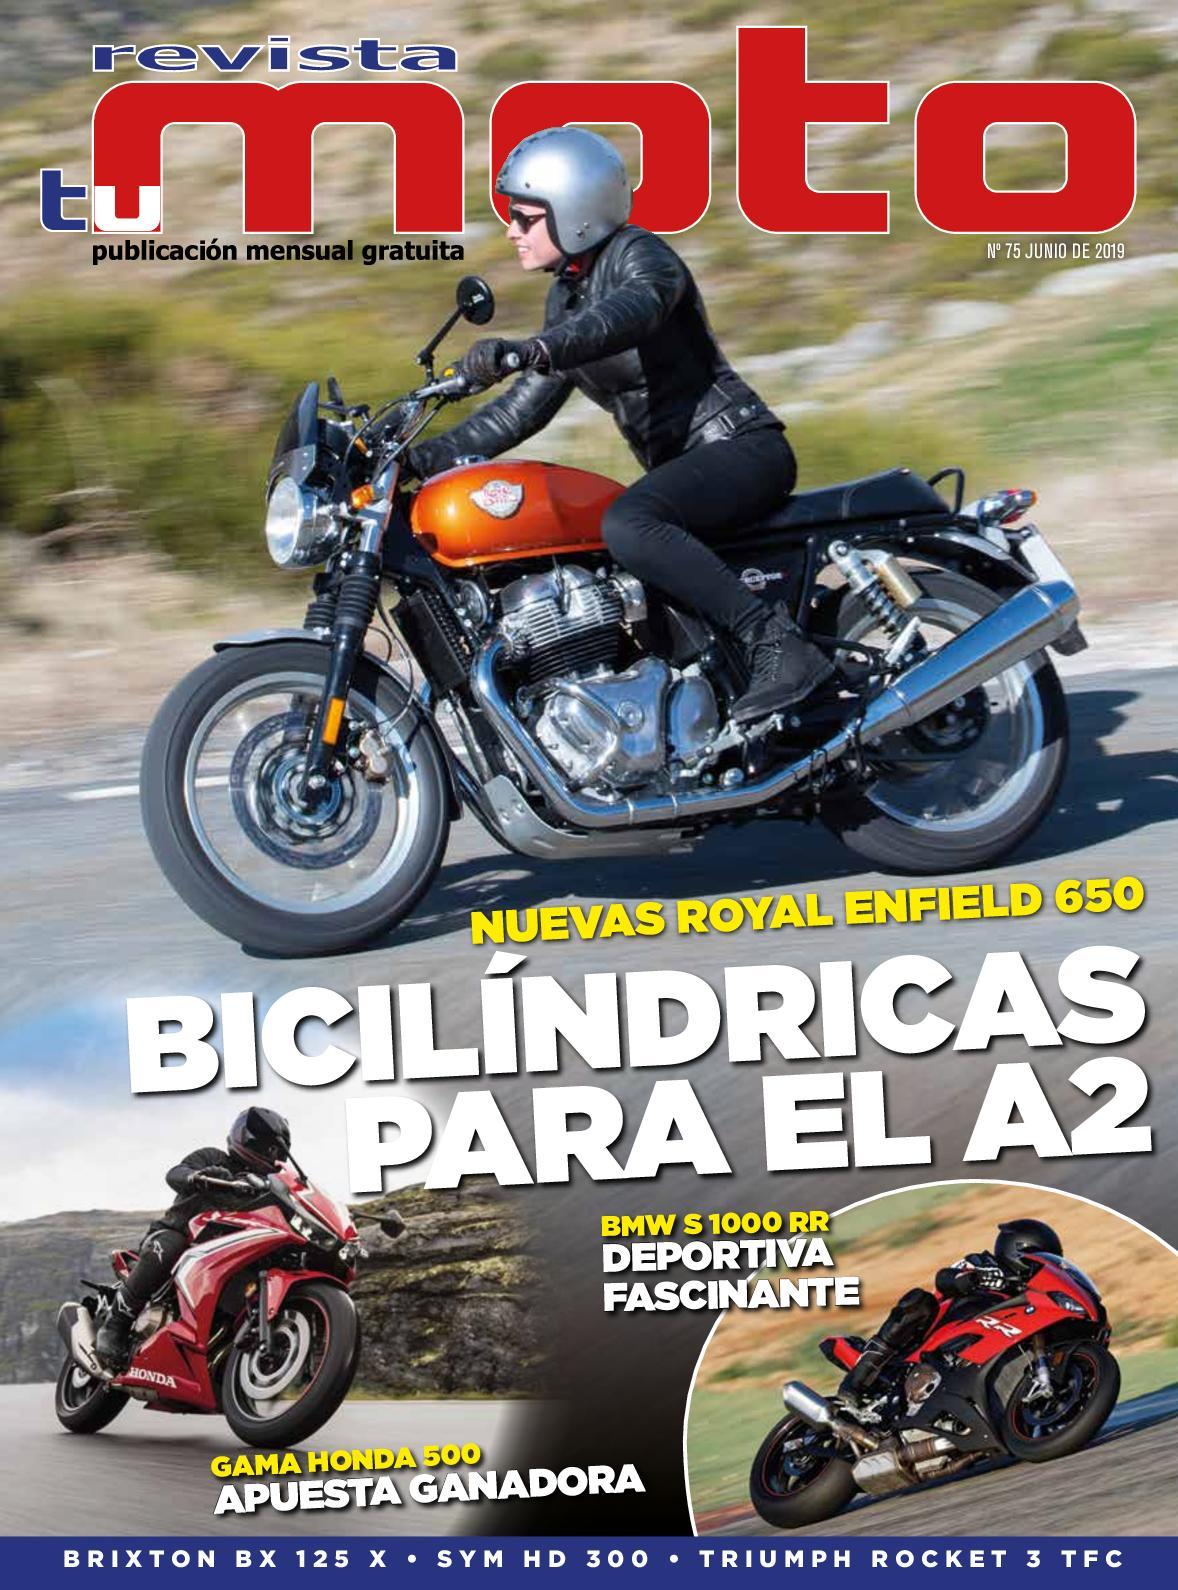 Motocicletas 2 y 4 Metros de Longitud Cuerda el/ástica para Equipaje con Gancho de Acero al Carbono para Bicicletas Equipaje de Cierre y Mochilas